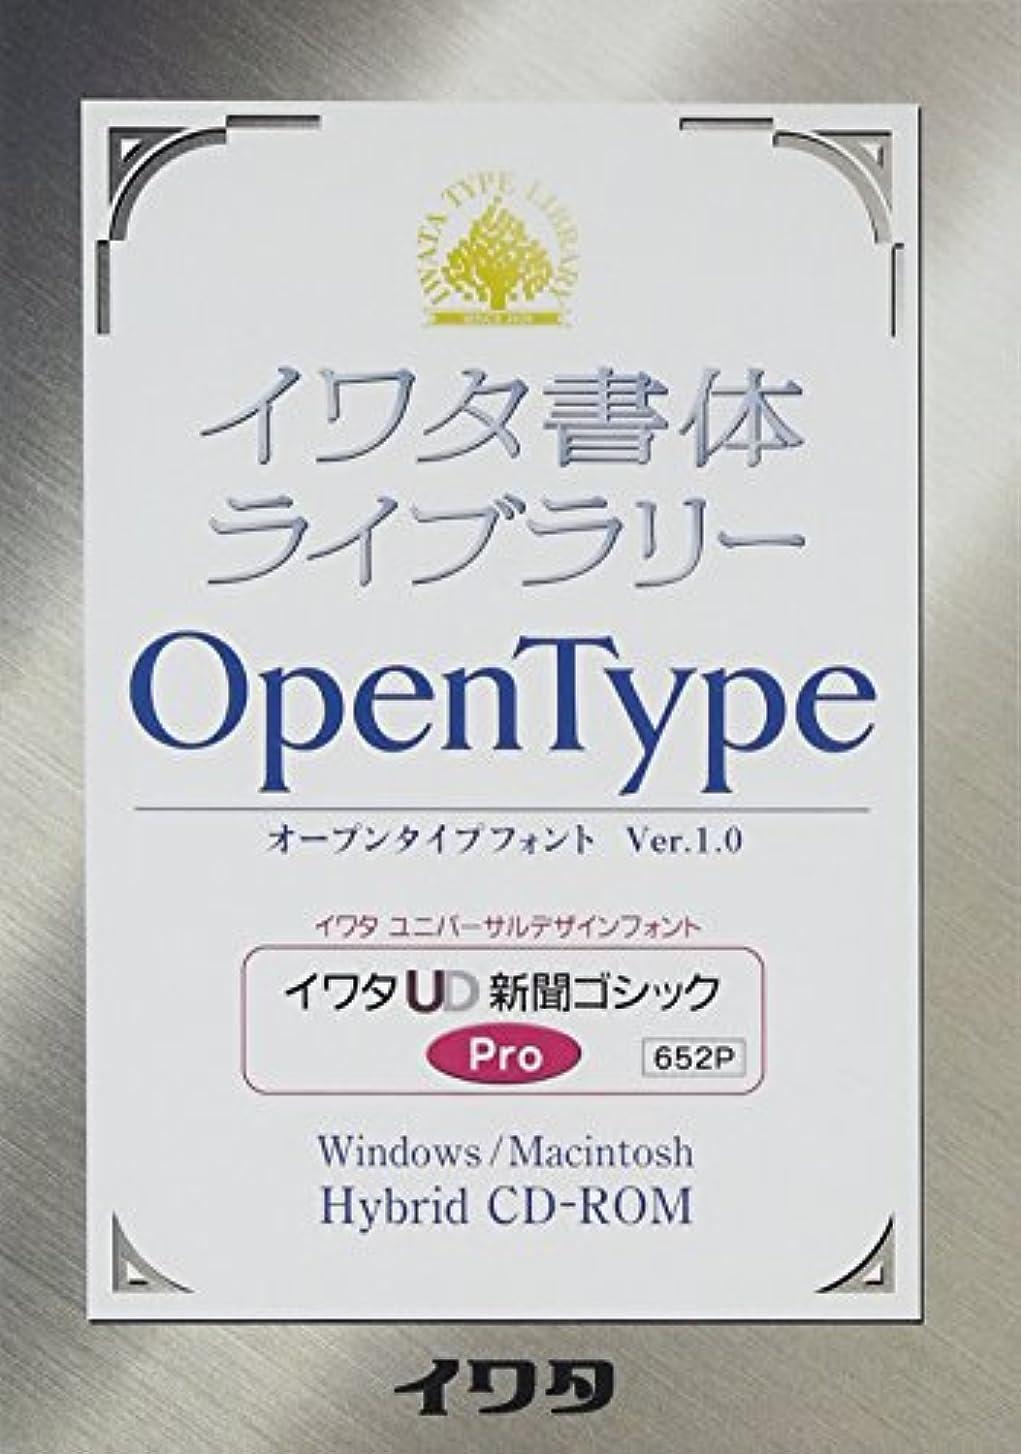 後継任意苦イワタ書体ライブラリー OpenType イワタUD新聞ゴシック